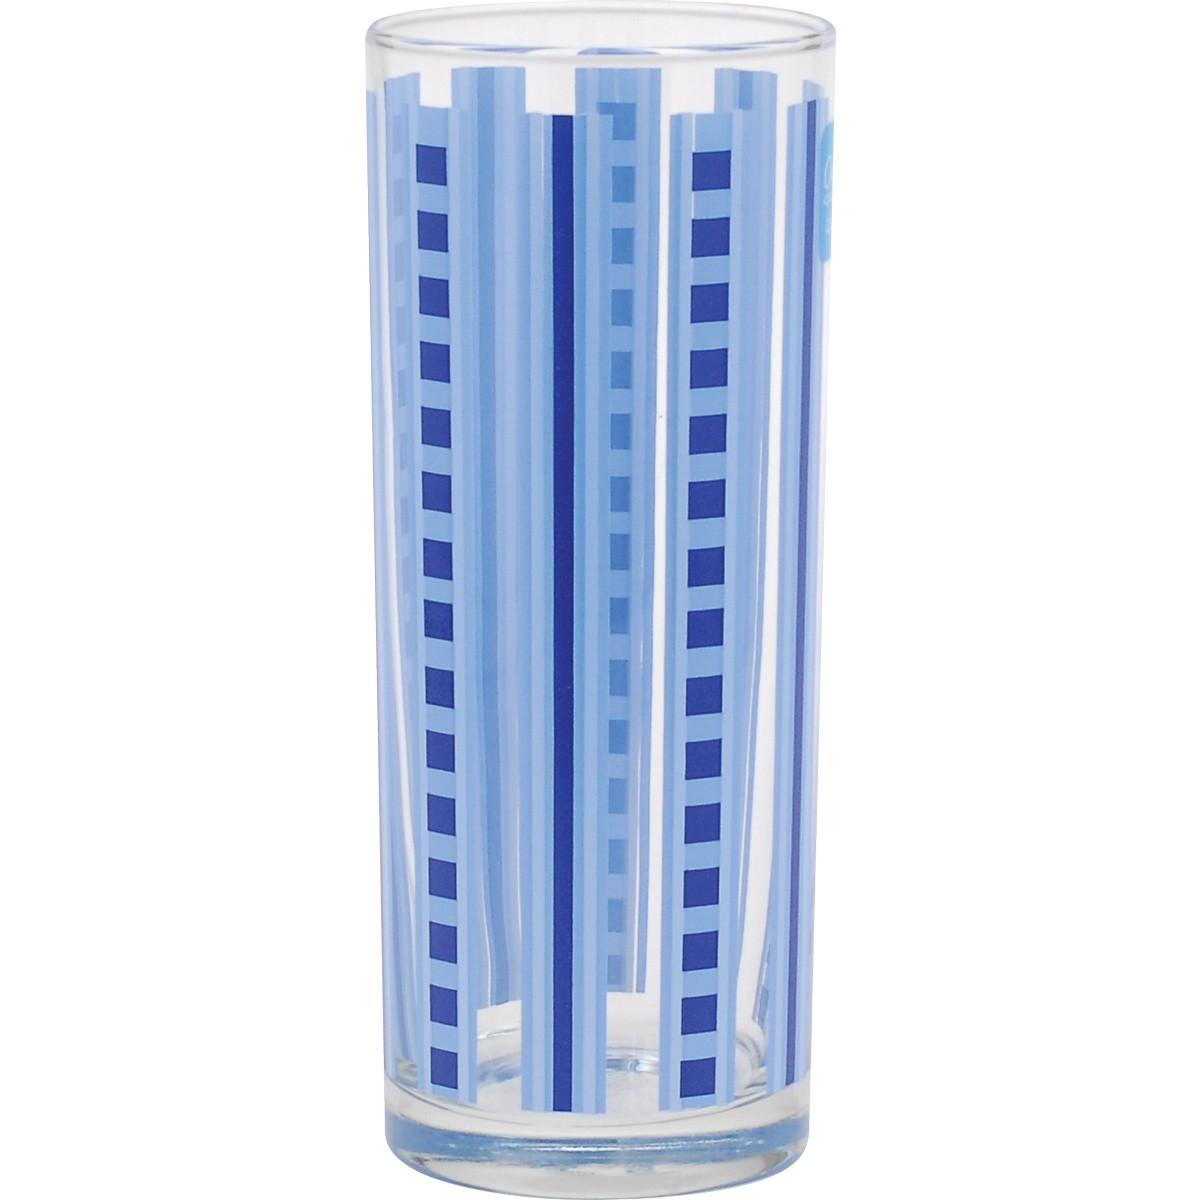 Ποτήρια Νερού (Σετ 4τμχ) Home Design AS53